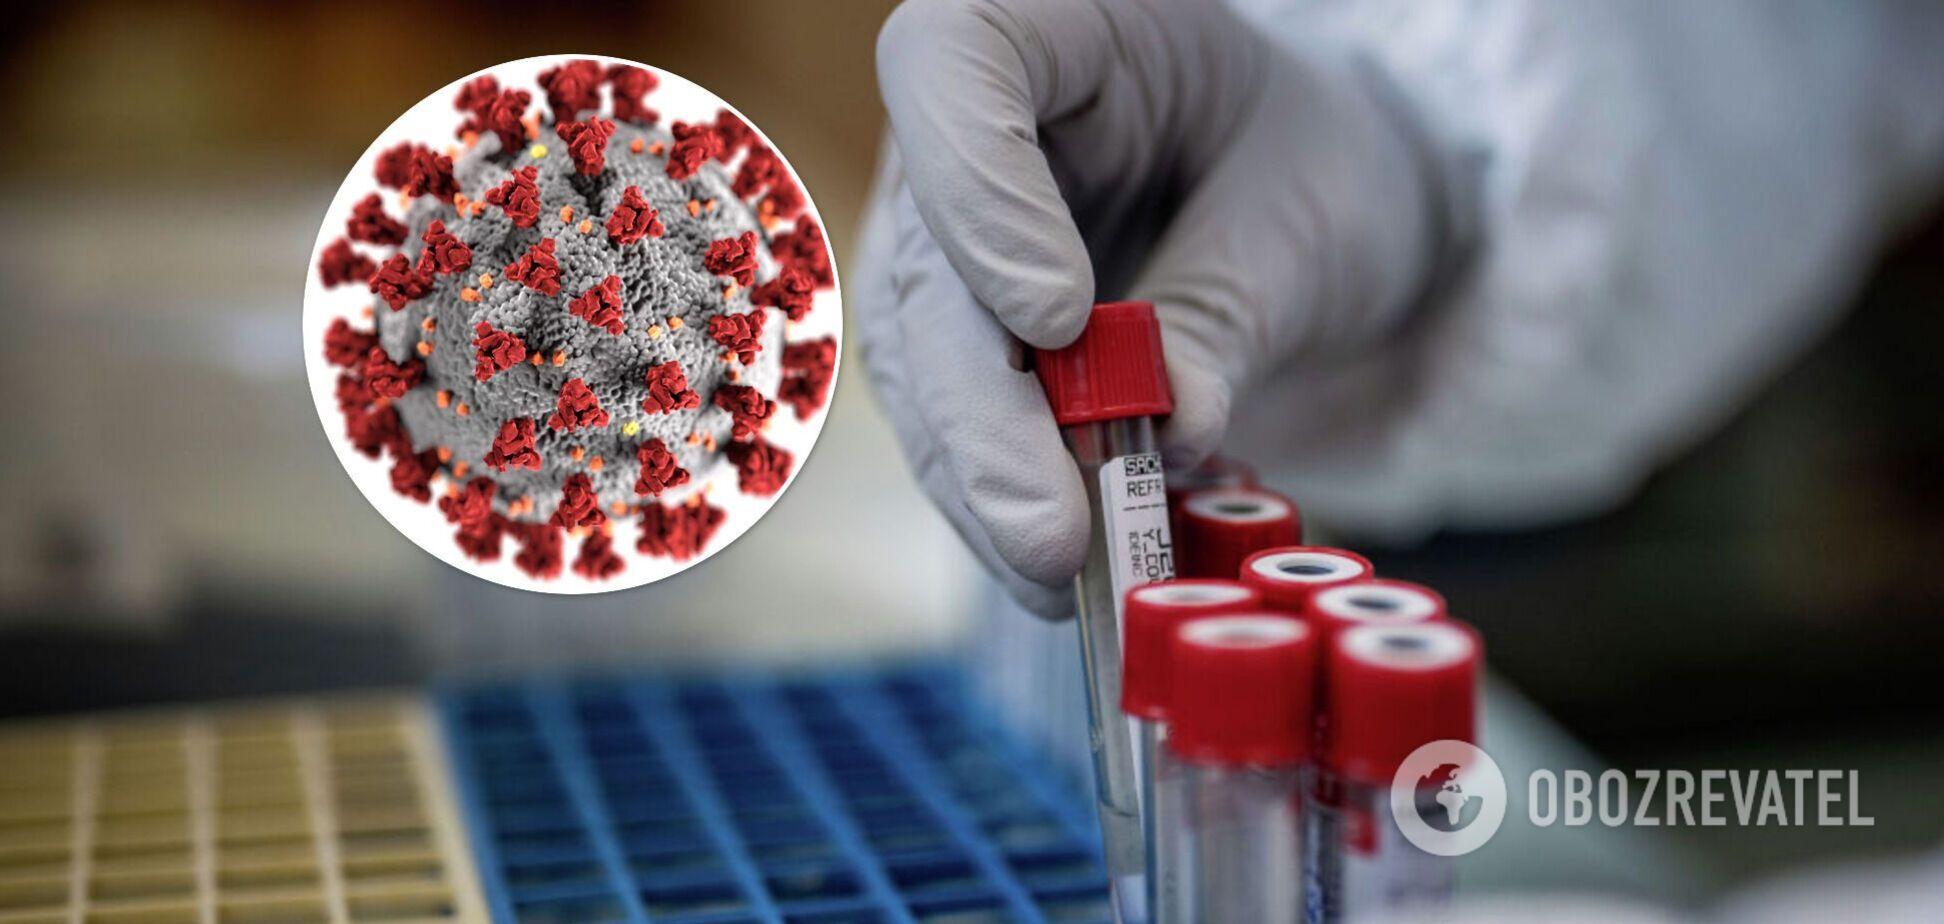 Ученые обнаружили новое антитело, которое эффективно в борьбе с COVID-19